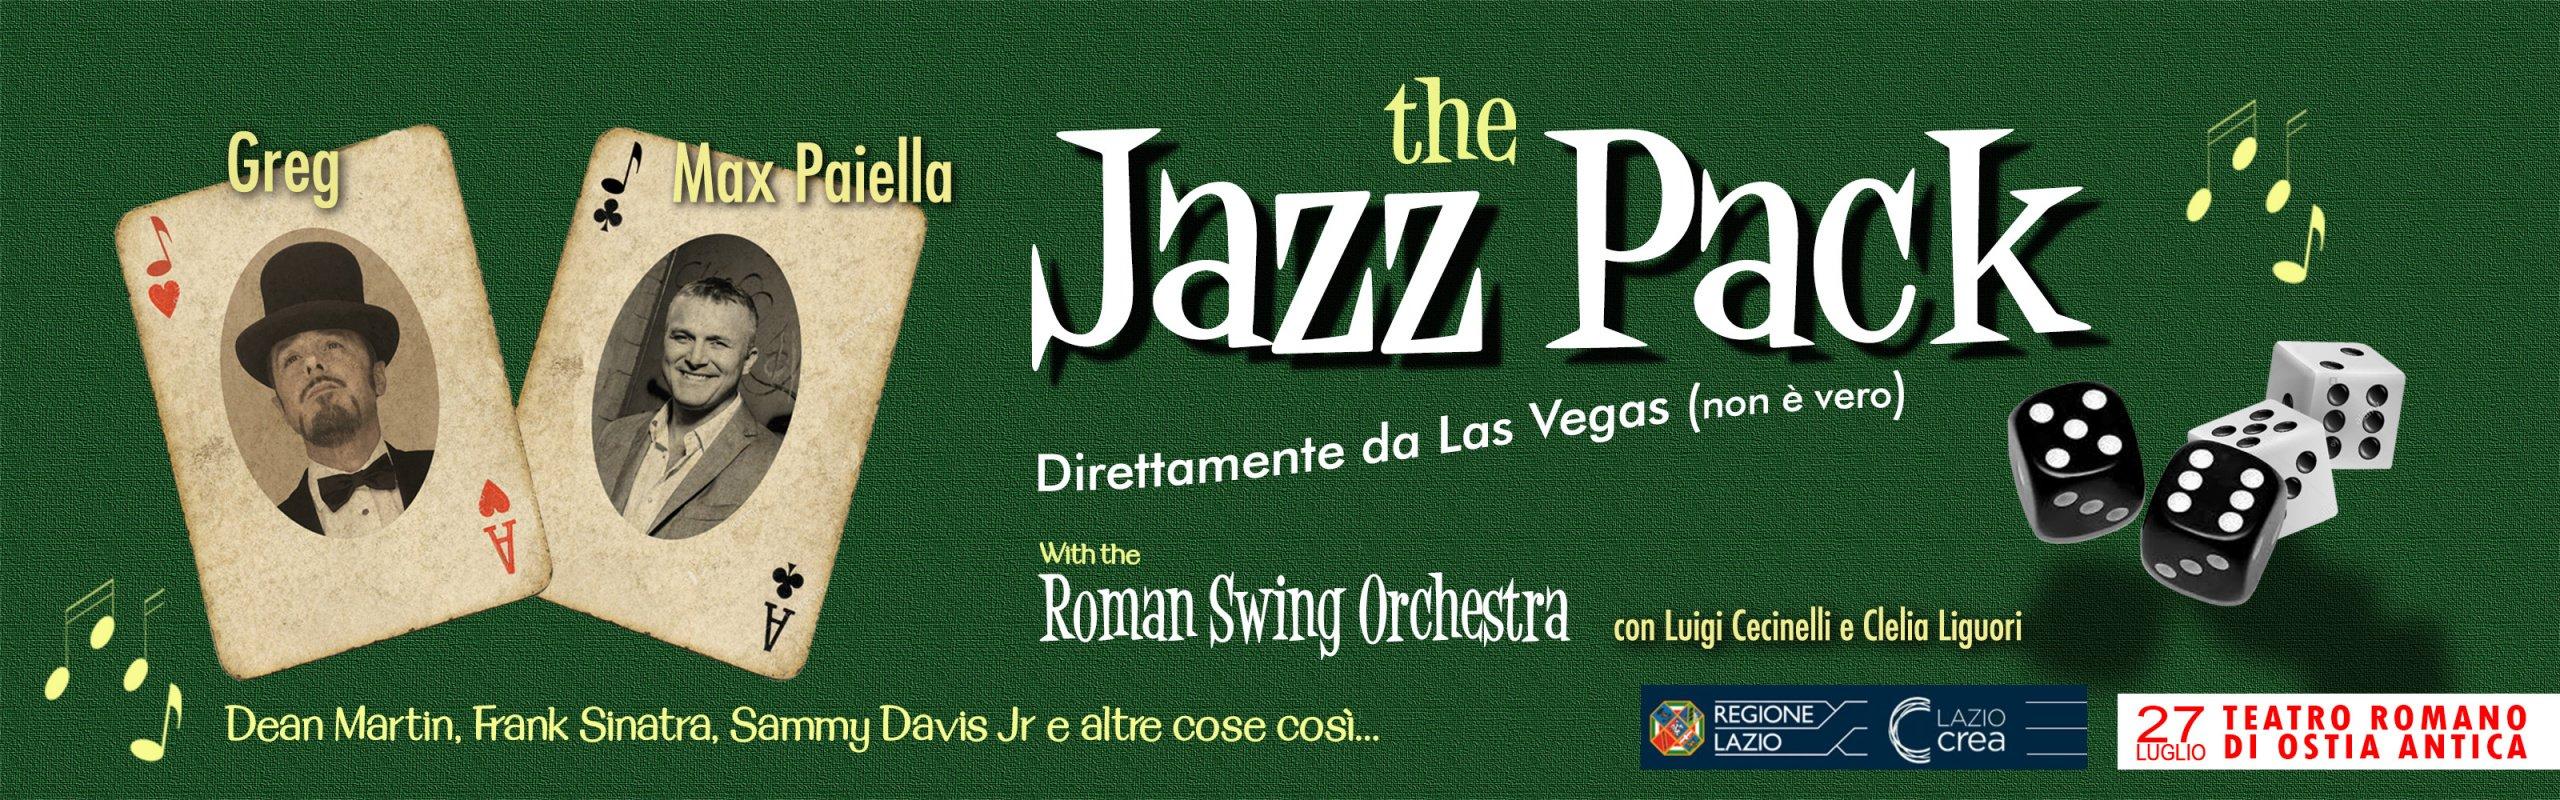 The Jazz Pack Greg Max Paiella